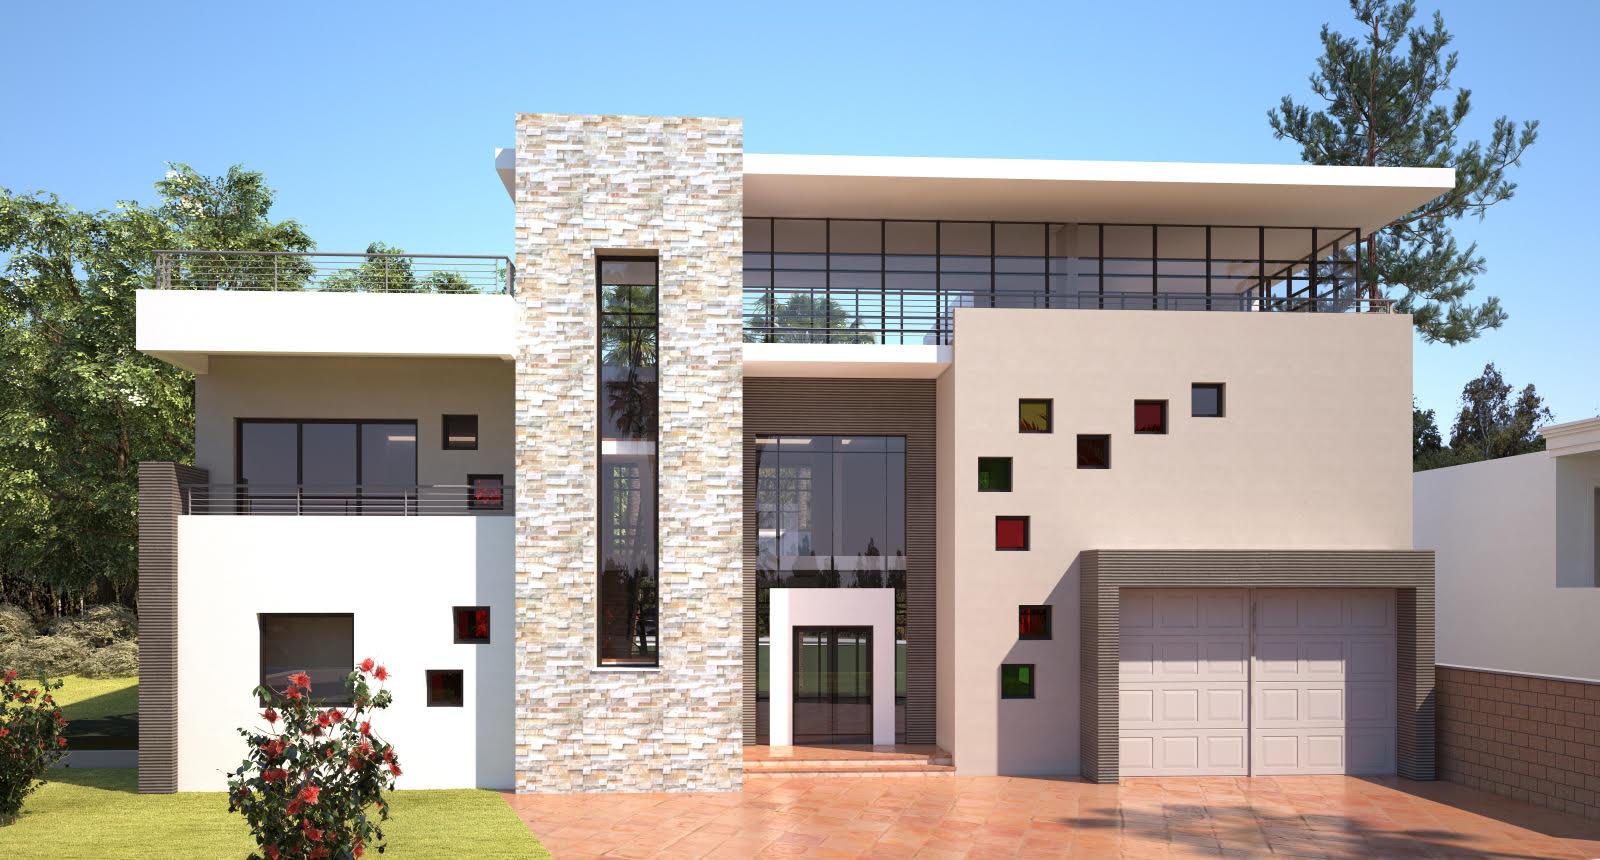 tEFERI MENGIST 1 - Residential Villa 09